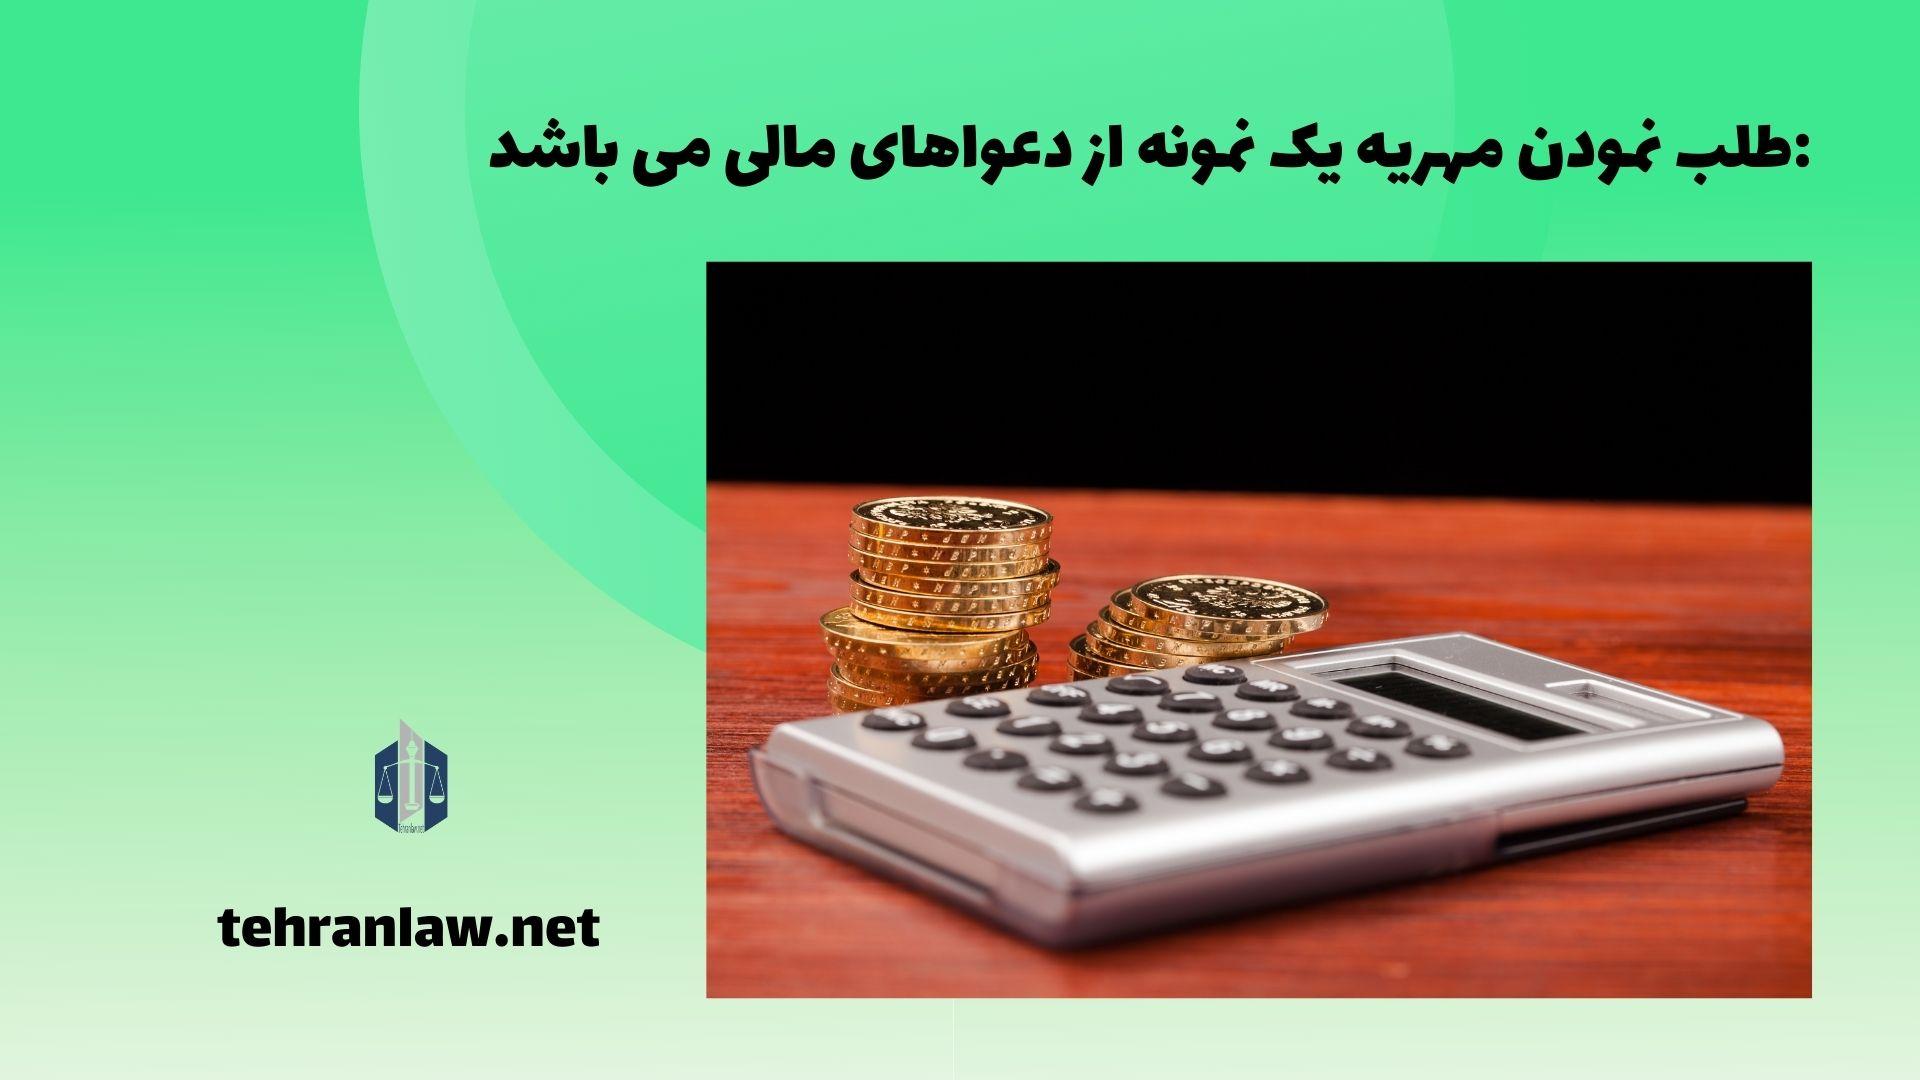 طلب نمودن مهریه یک نمونه از دعواهای مالی می باشد: